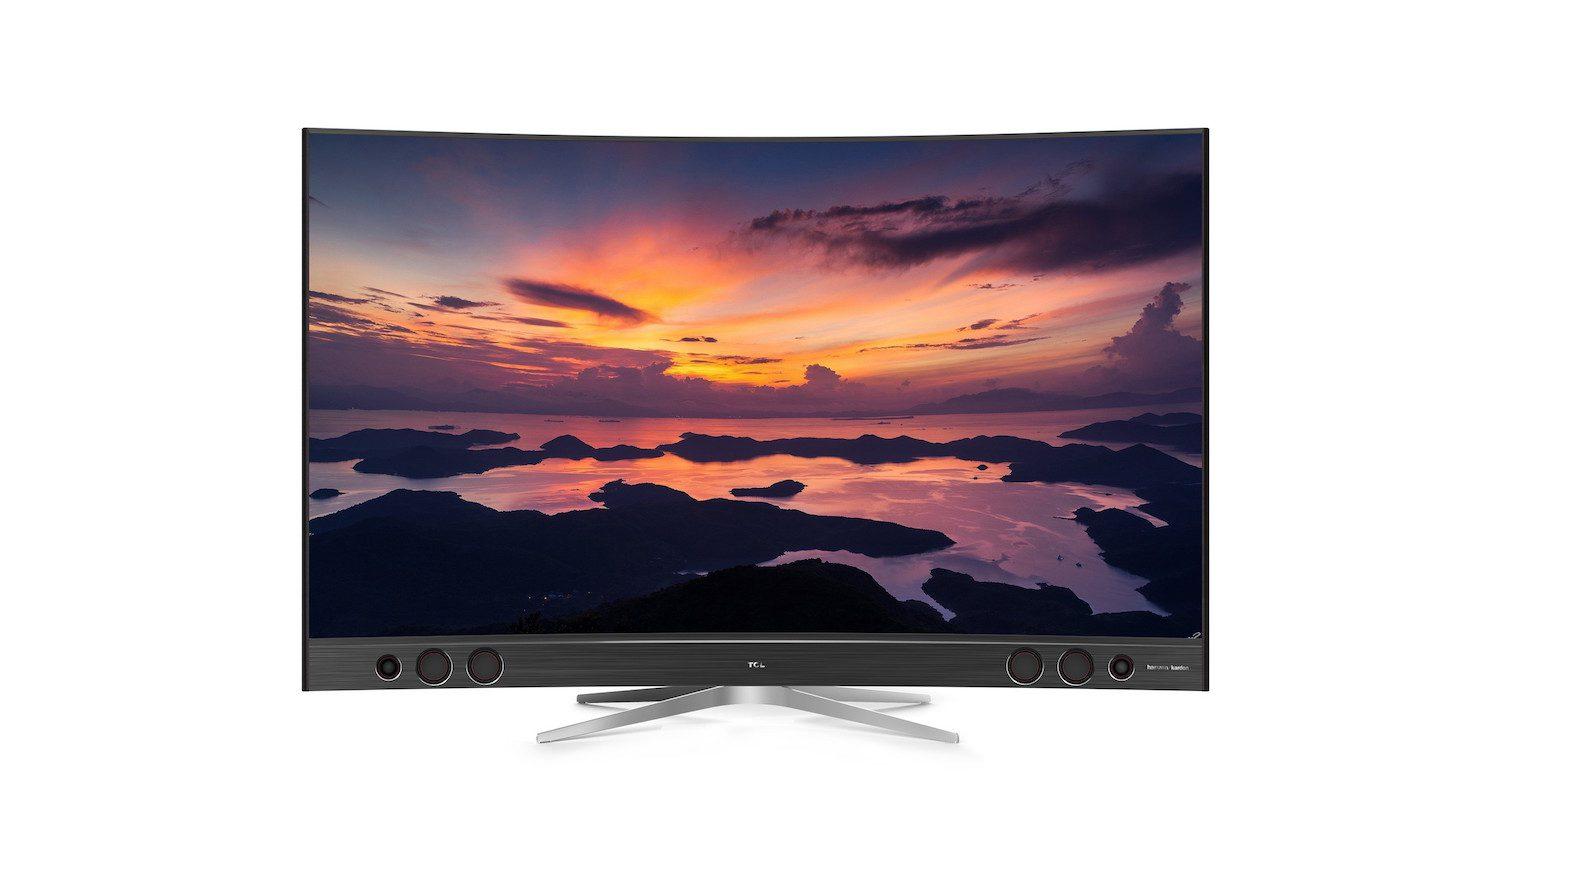 bandeau TCL TV Xclusive X1, du haut de gamme sous Android 6.0